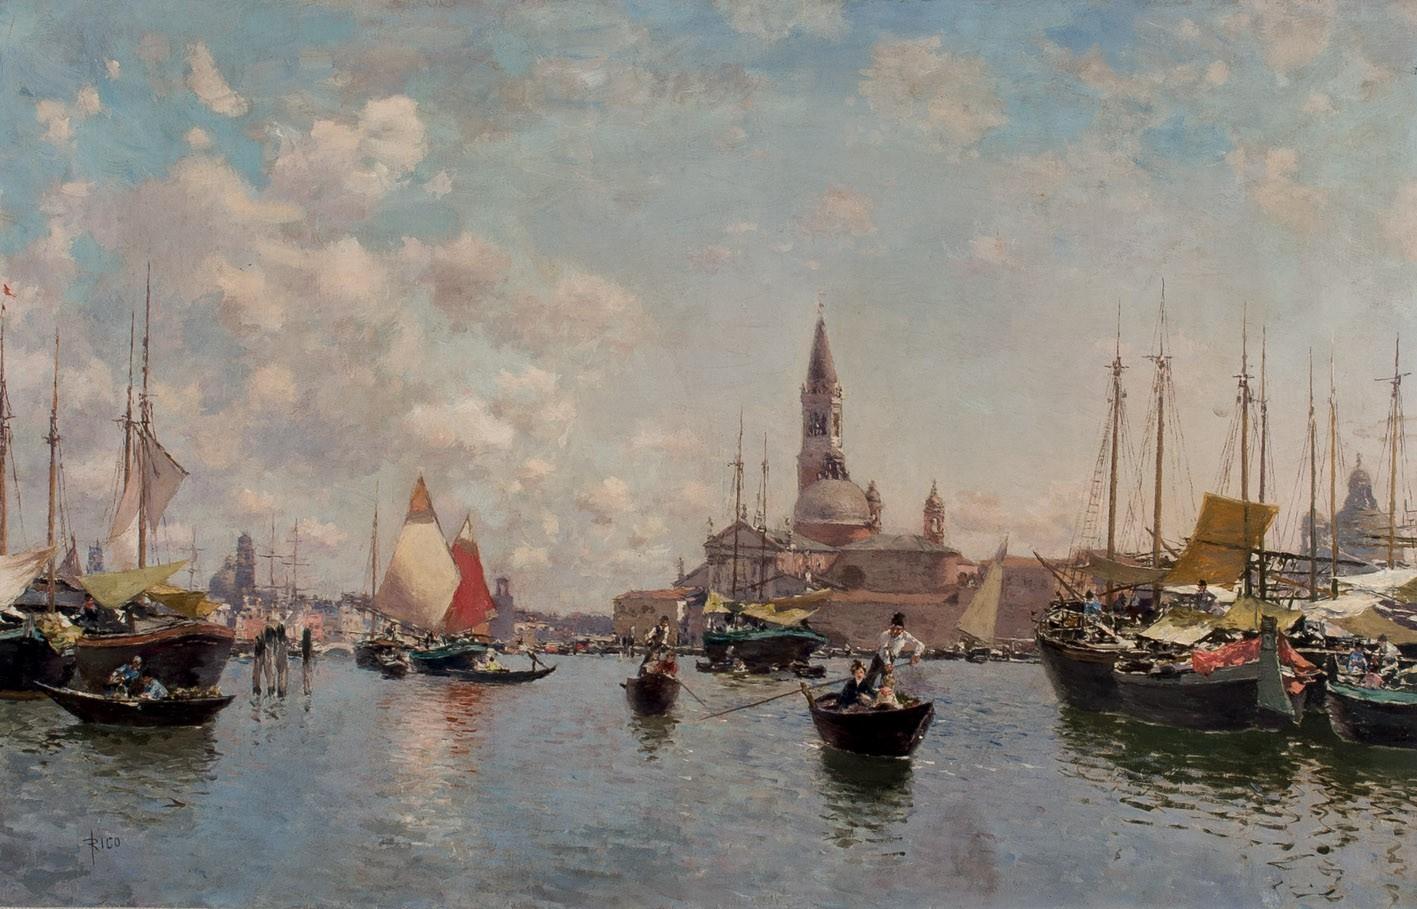 Martín Rico y Ortega. Vista de Venecia